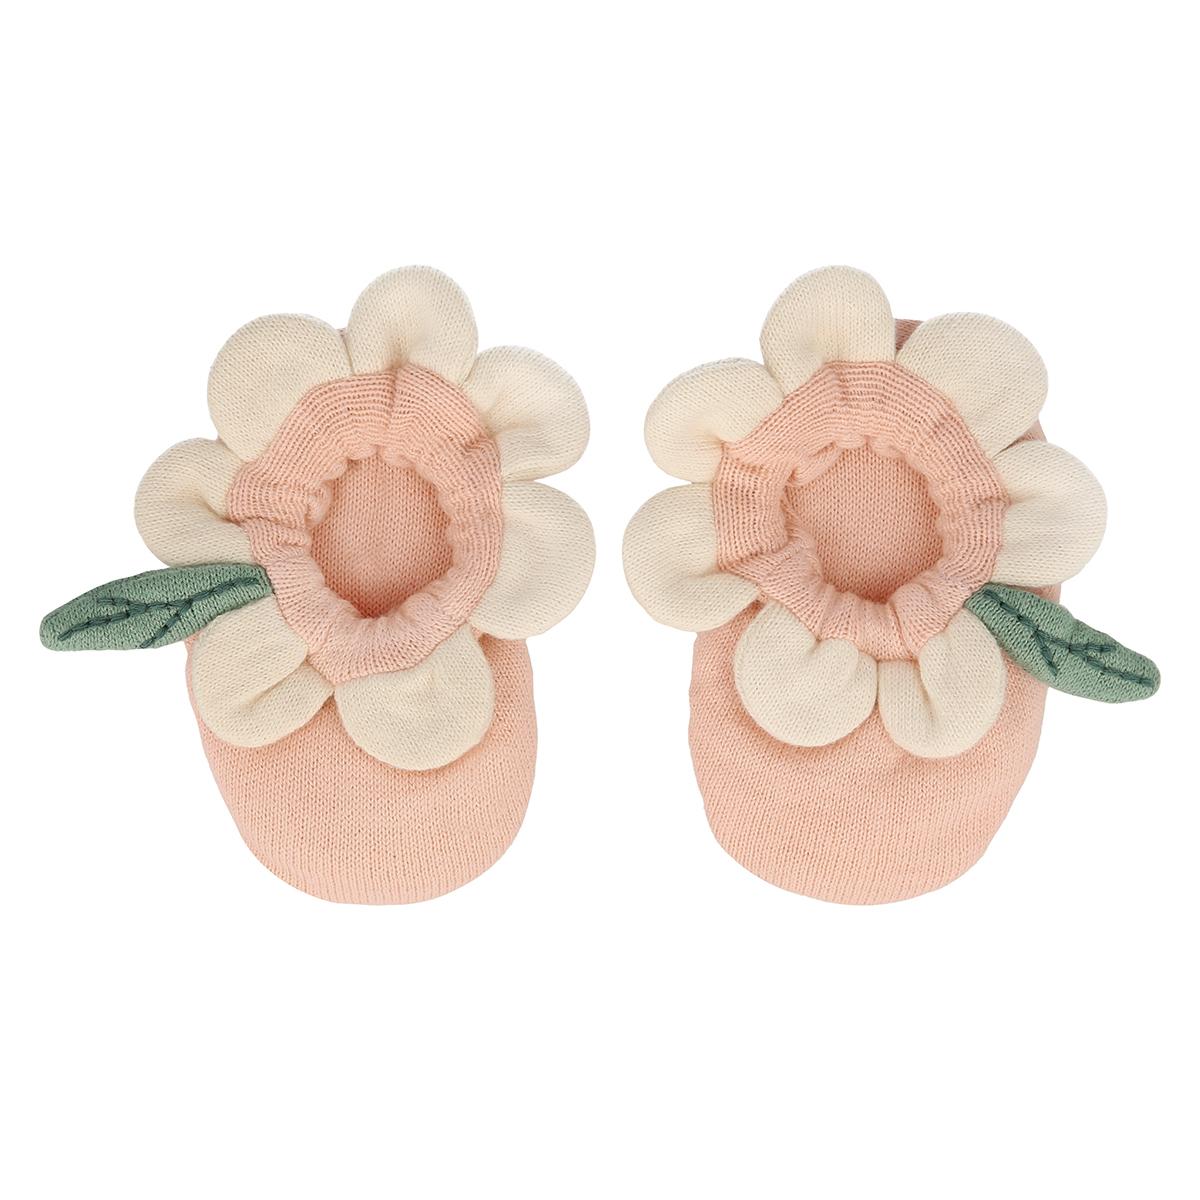 Chaussons & Chaussures Chaussons pour Bébé Marguerite - 16/17